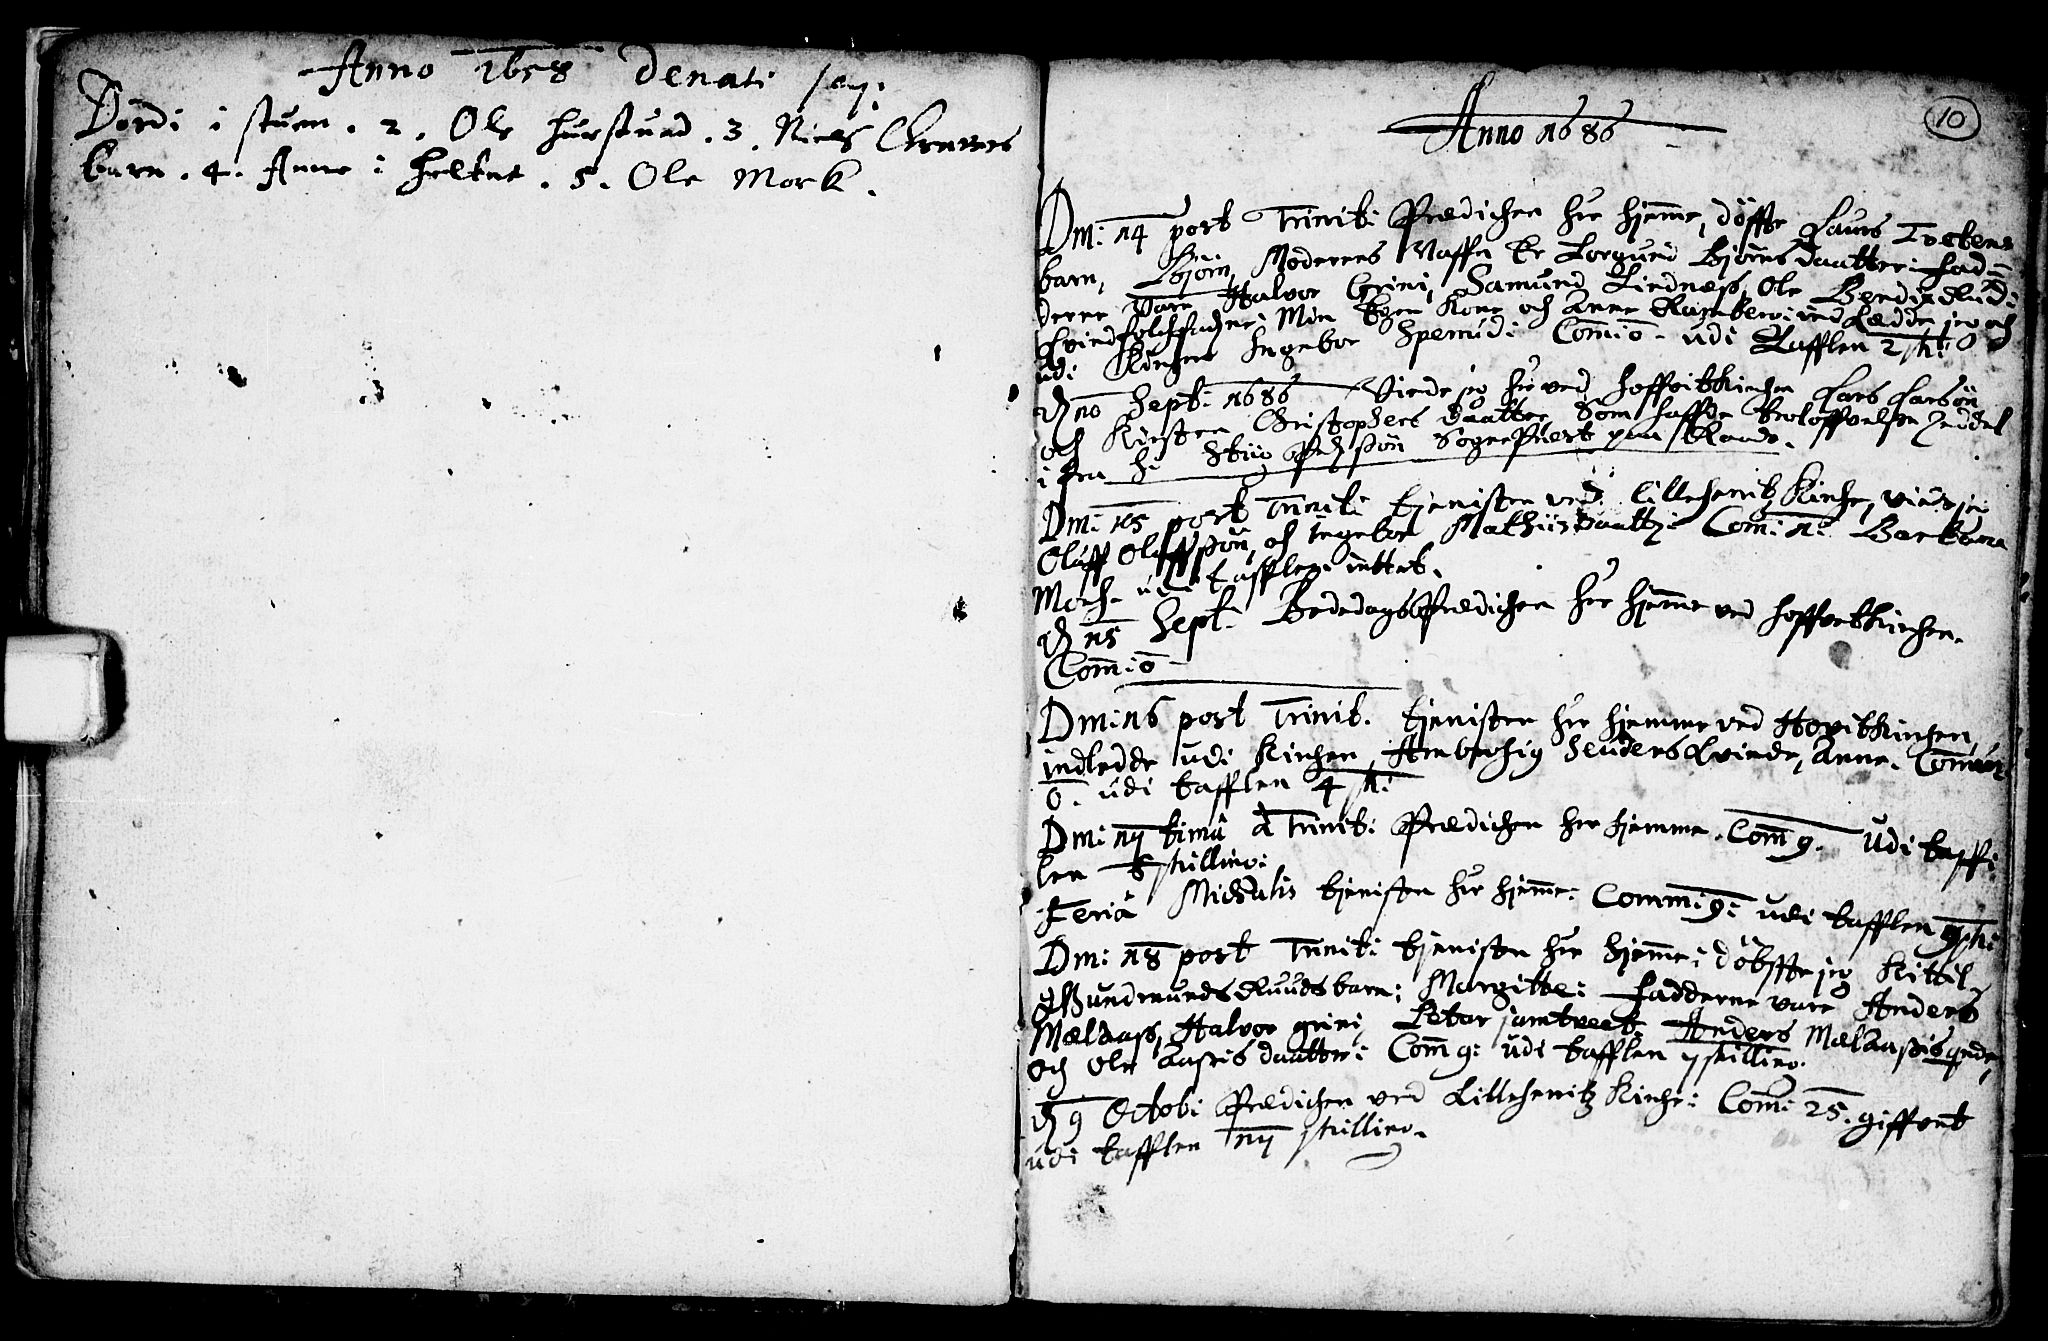 SAKO, Heddal kirkebøker, F/Fa/L0001: Ministerialbok nr. I 1, 1648-1699, s. 10